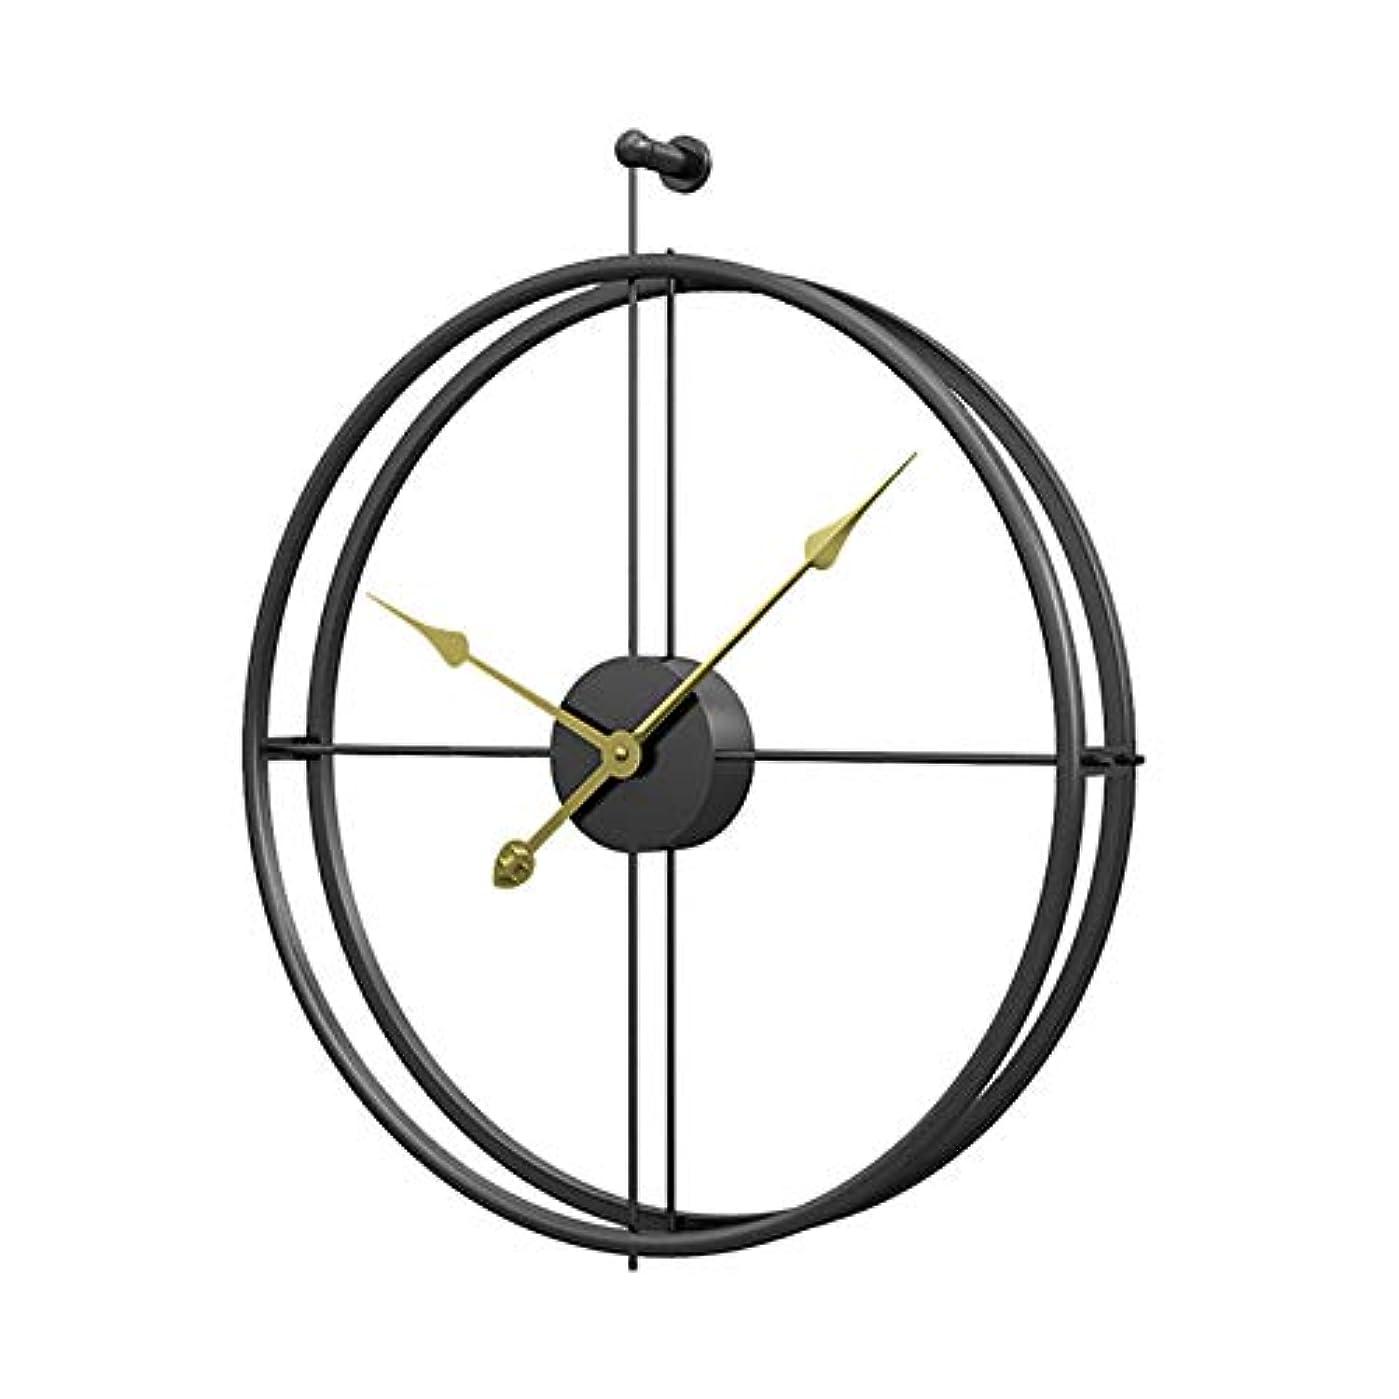 サイクロプスラインナップ無しリビングルームで大きな壁掛け時計 - 古典的なヴィンテージメタル時計家の装飾黒